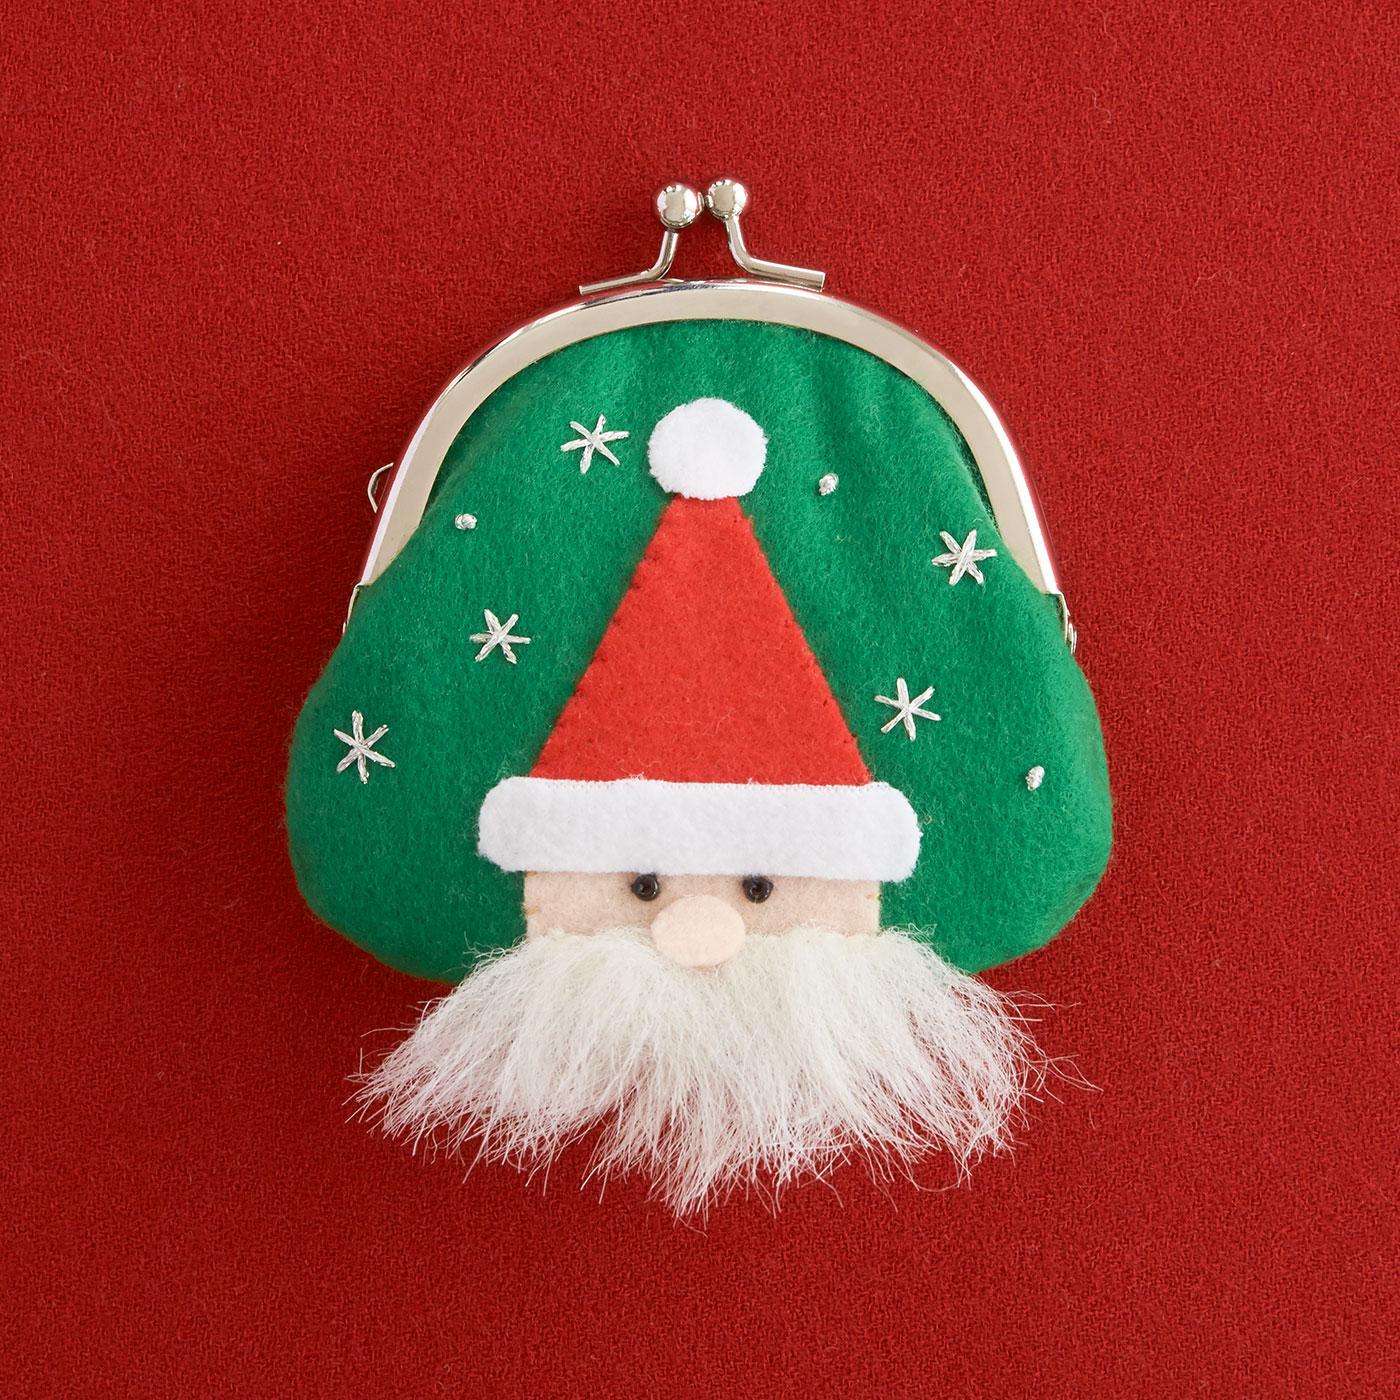 長いお髭がチャームポイント サンタクロースがまぐちキット